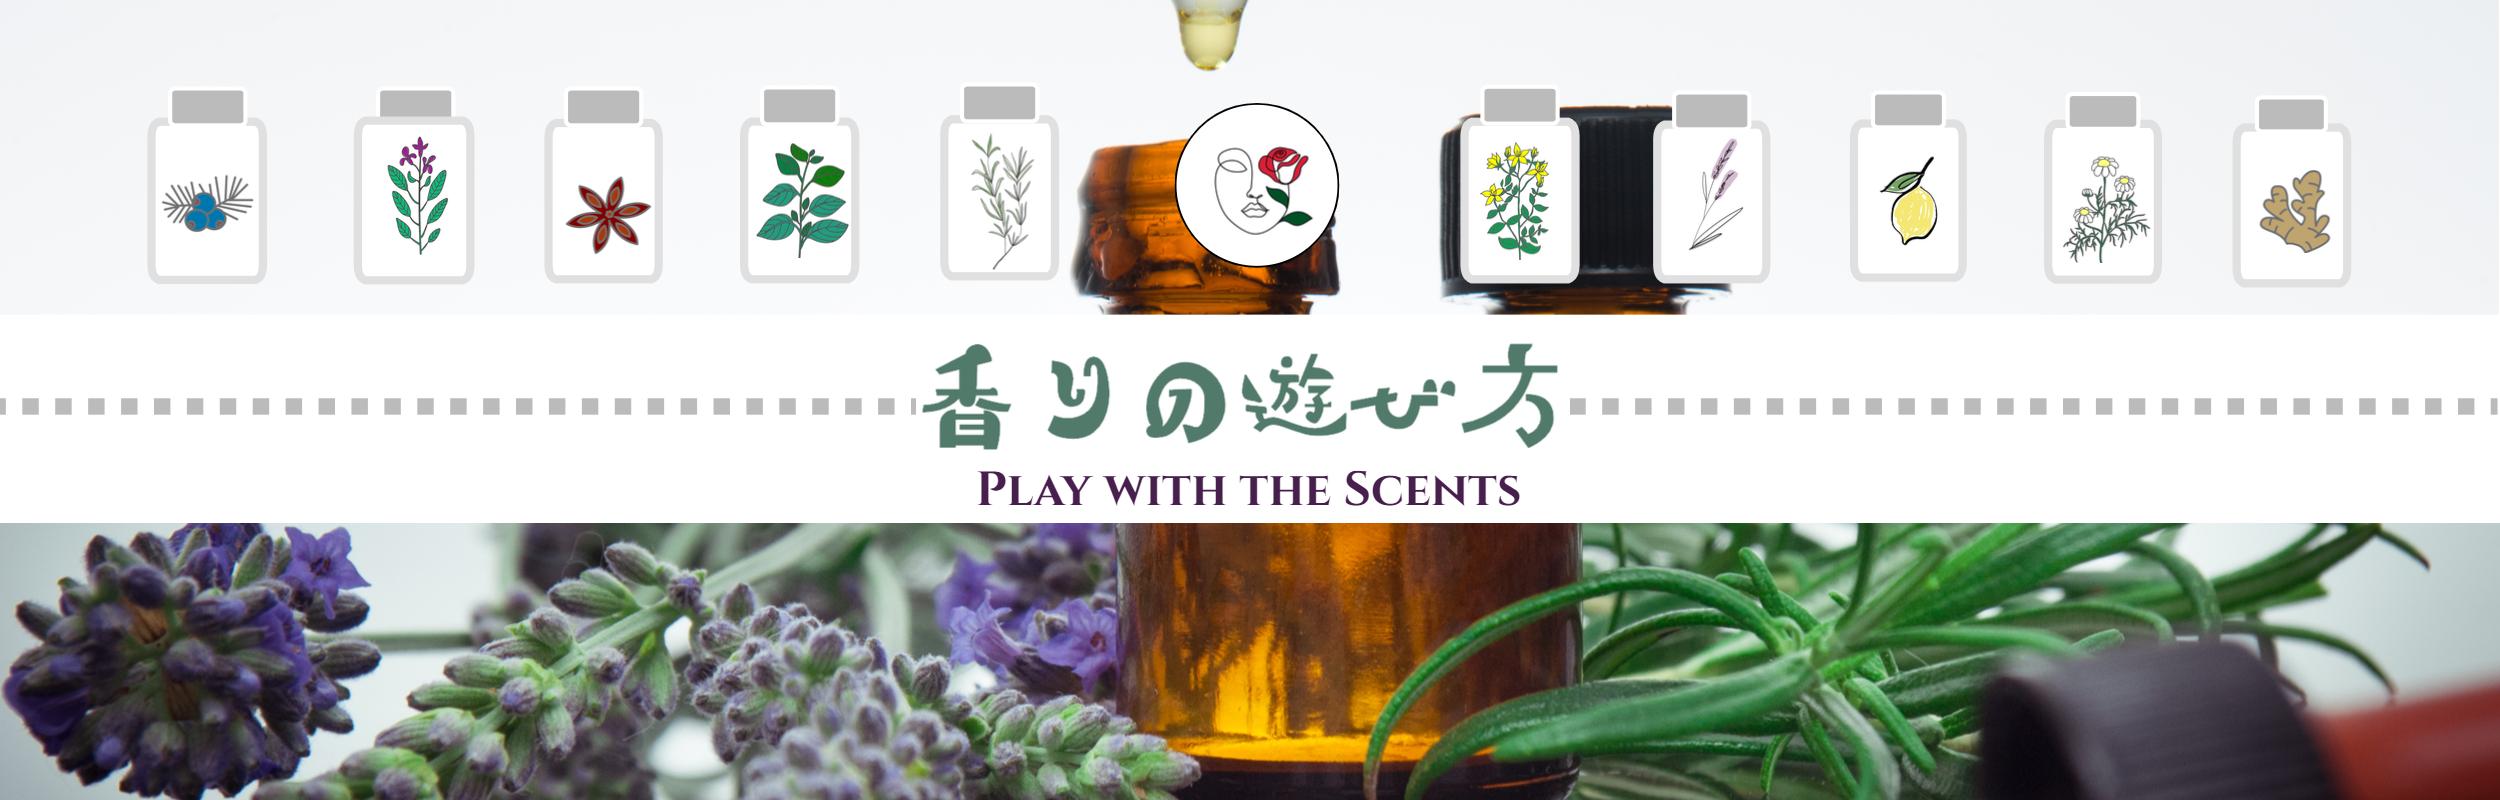 AHIS認定校・嗅覚反応分析の教室【東京・麹町】香りの遊び方